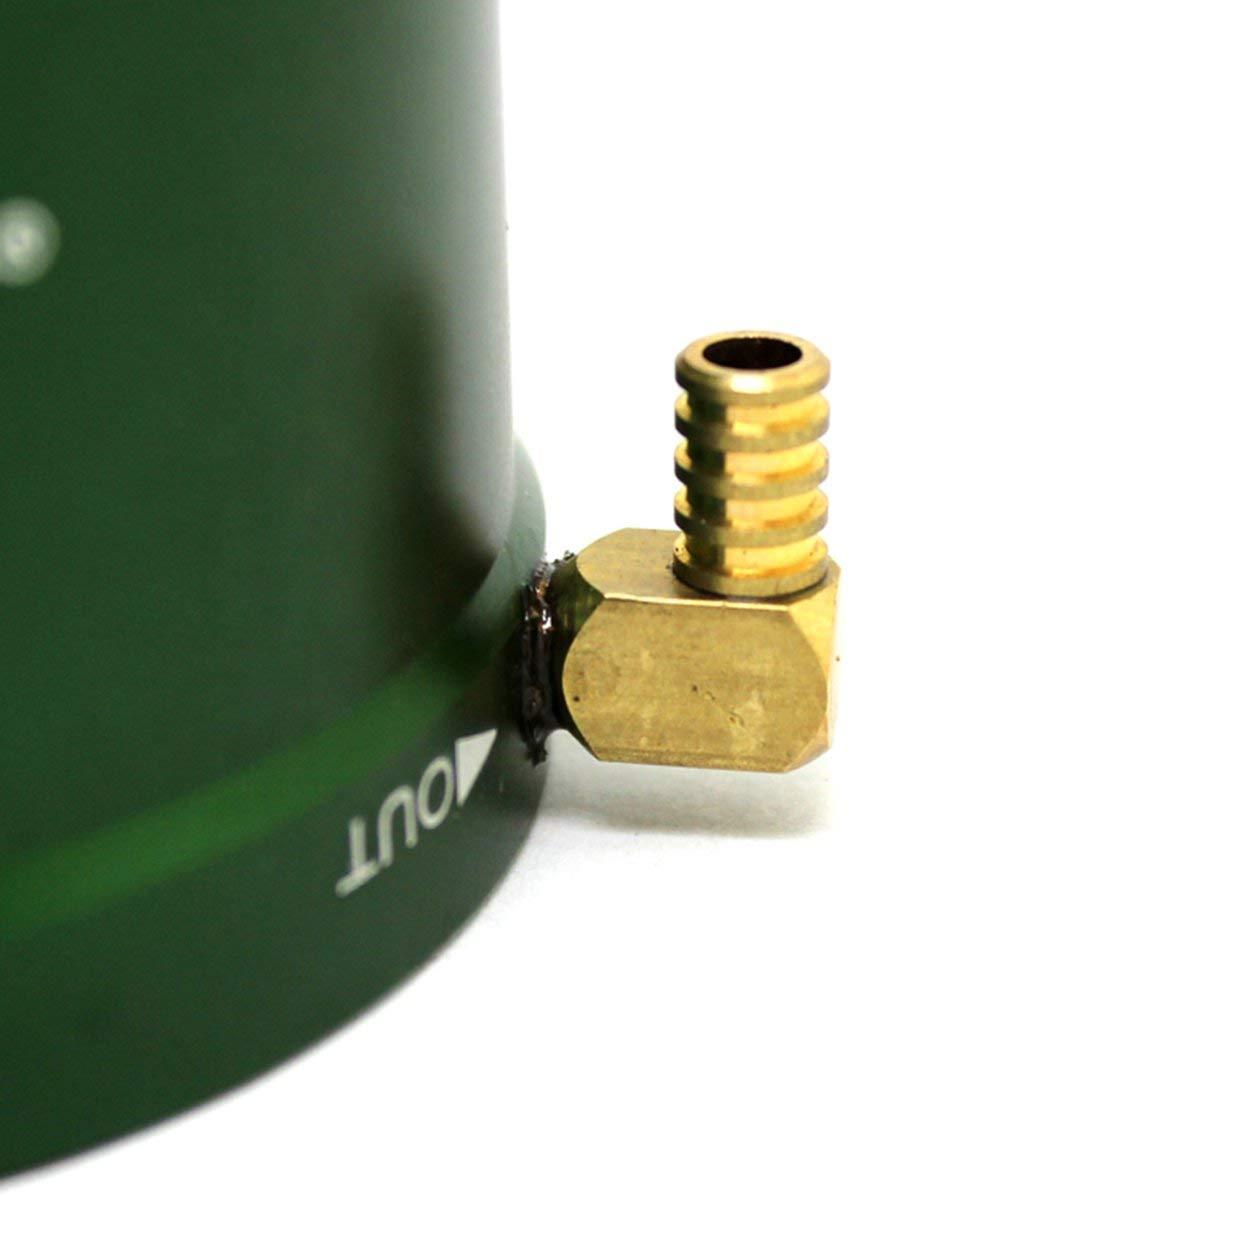 X-TEAM 24-25 Couvre-manteau de refroidissement par eau Accessoires de mod/èle pour moteurs sans balais 2430//2440//2445 Pi/èces de rechange pour bateaux Bateaux RC couleur: vert